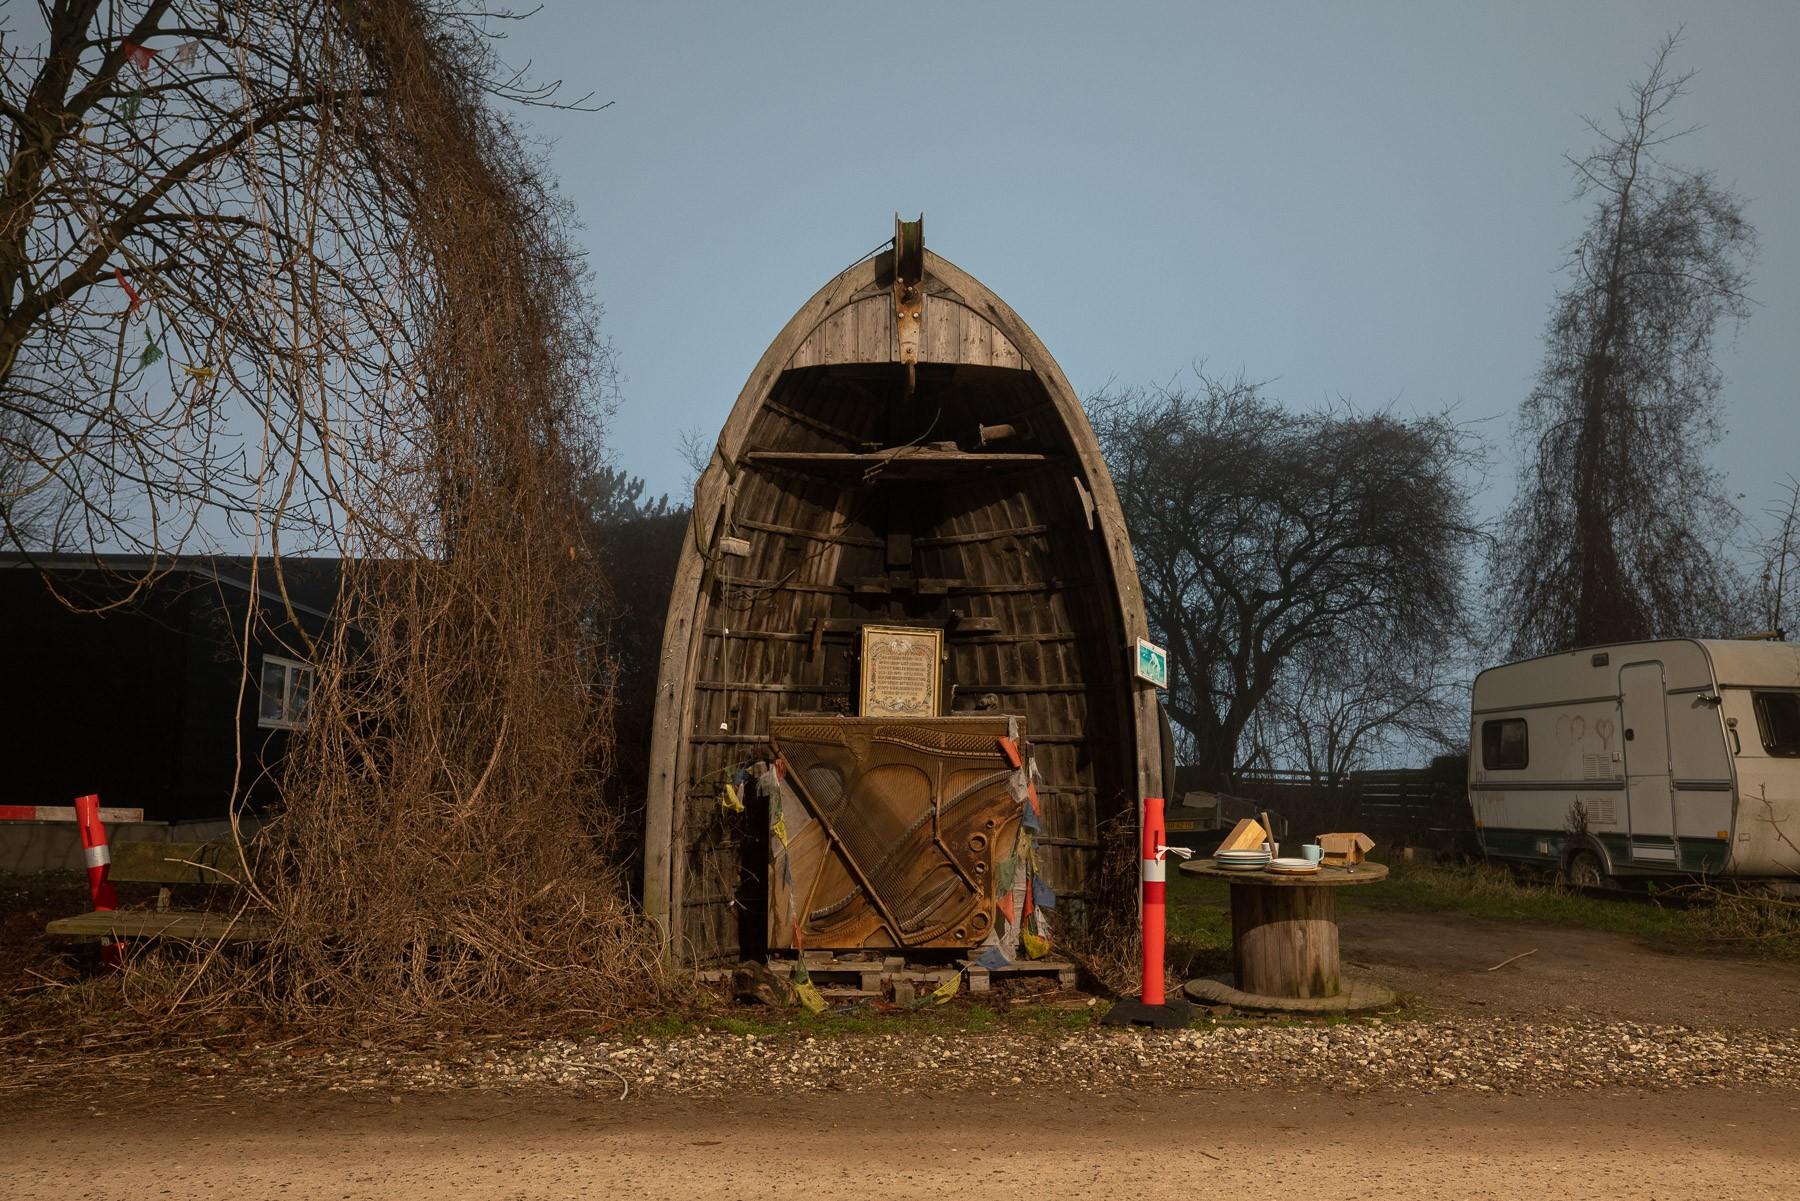 Nokken - Et lille tempel lavet af en halv båd